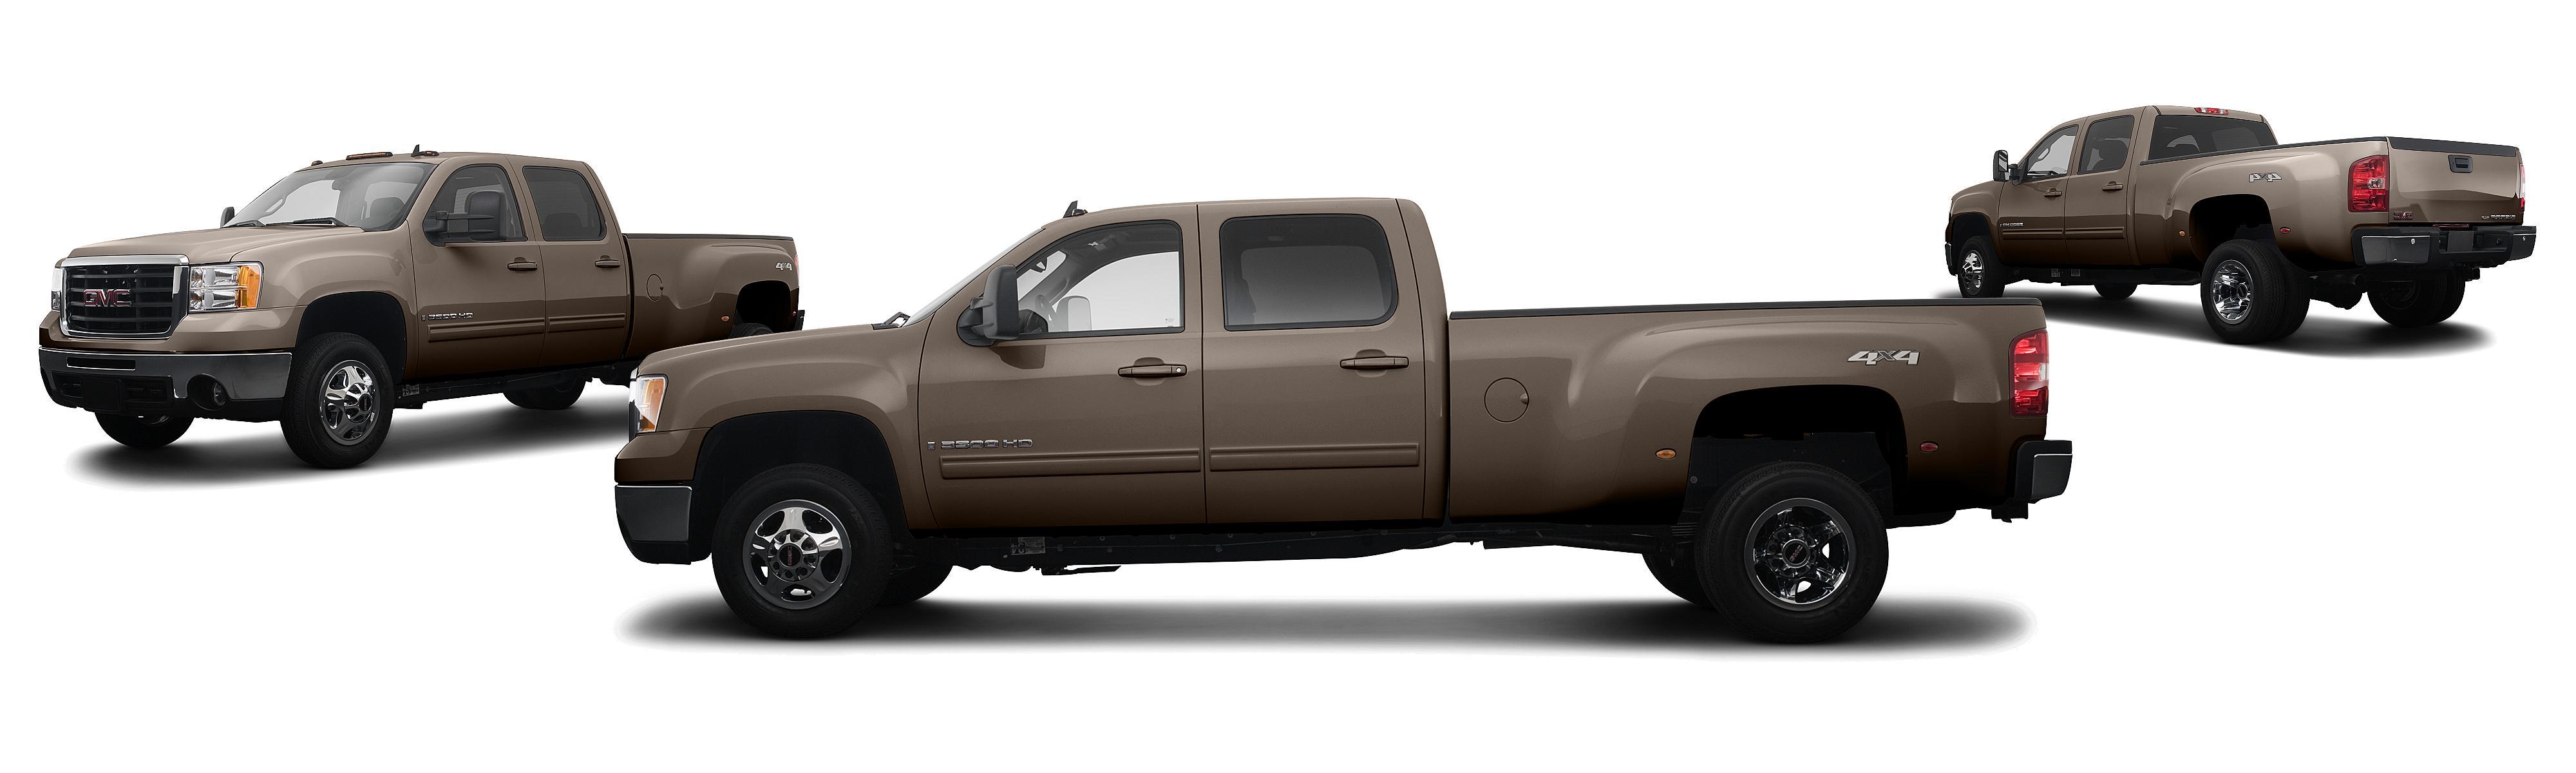 truck look news sierra ttr prevnext first gmc pickup